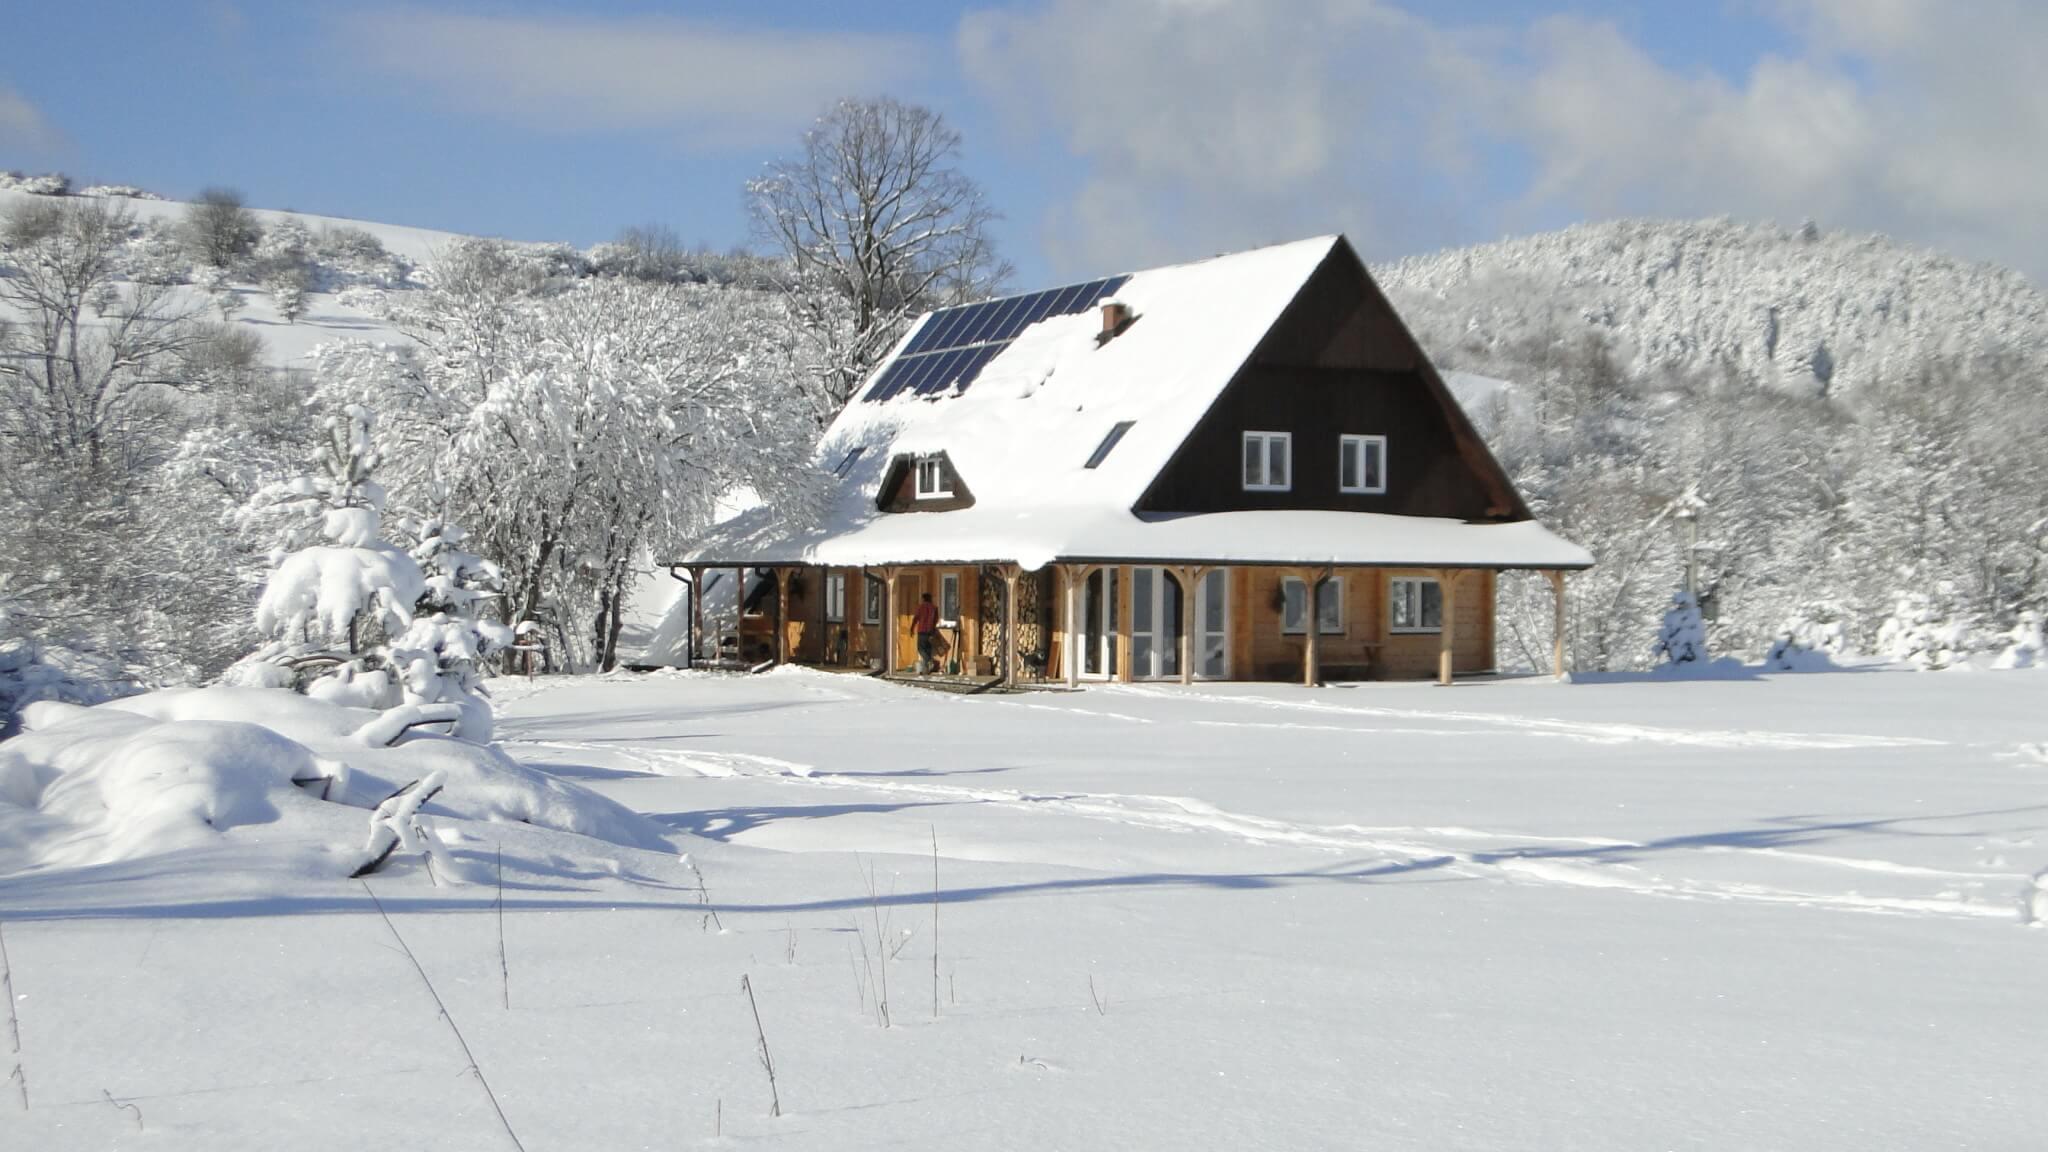 Lutowa zima - śnieżna imroźna 8